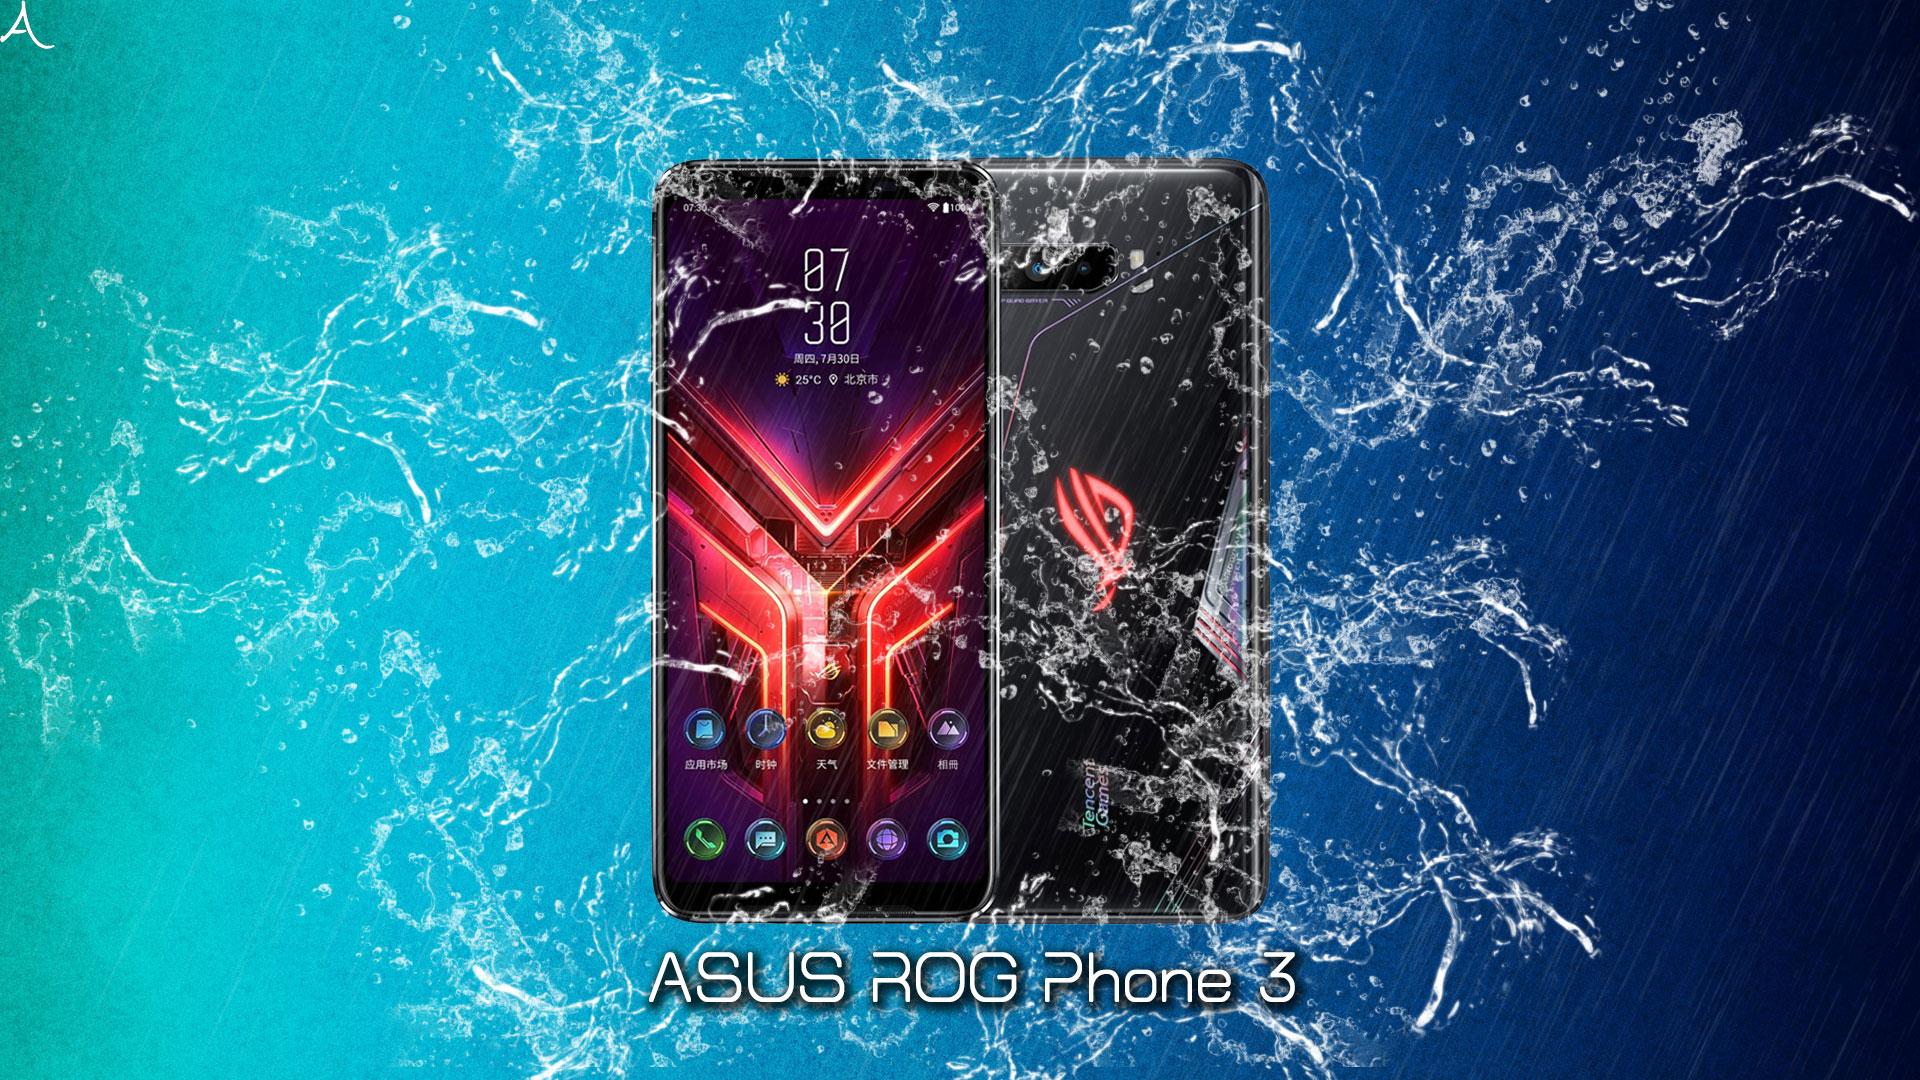 「ROG Phone 3」の防水性能ってどれくらい?水に濡れても大丈夫?